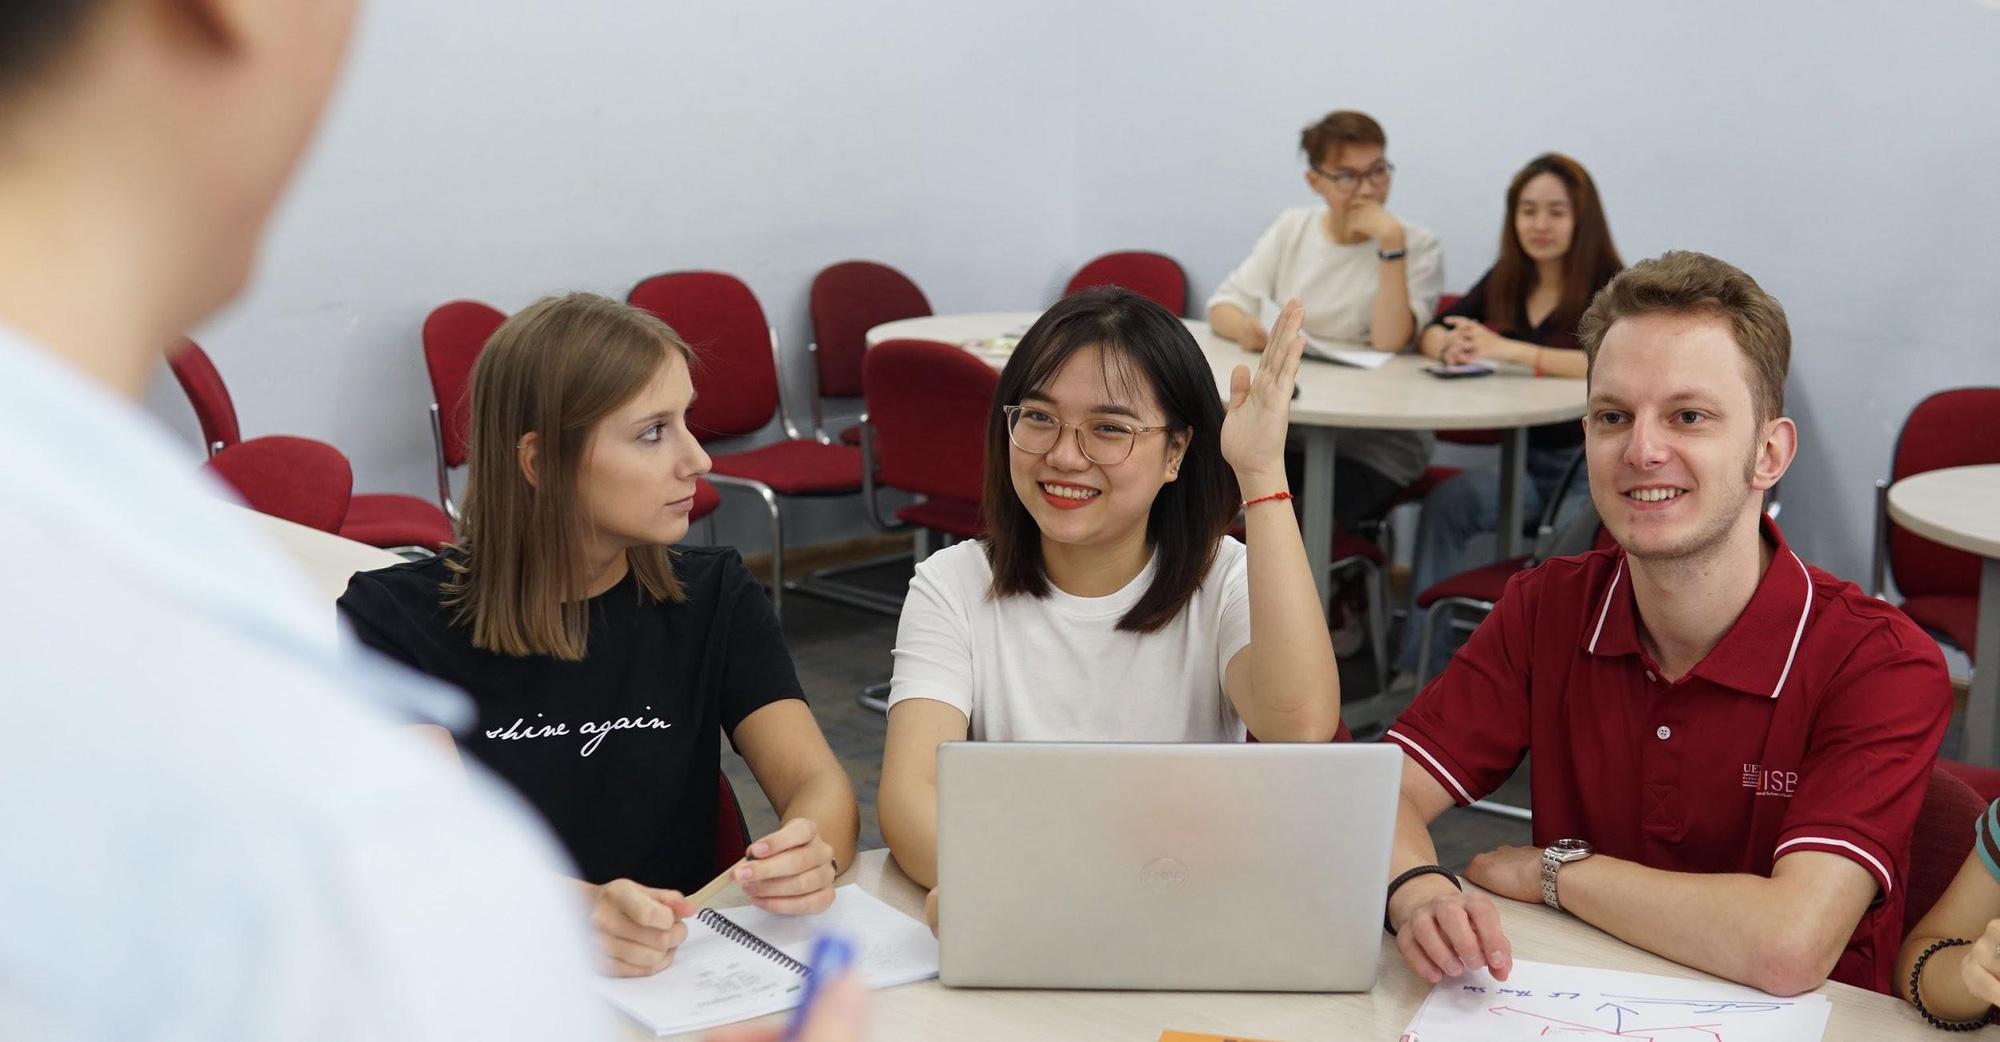 Viện ISB, Đại học Kinh tế TP. Hồ Chí Minh xét hồ sơ tuyển thẳng Cử nhân Kinh doanh Western Sydney BBUS - Nhận học bổng 50% - Ảnh 2.